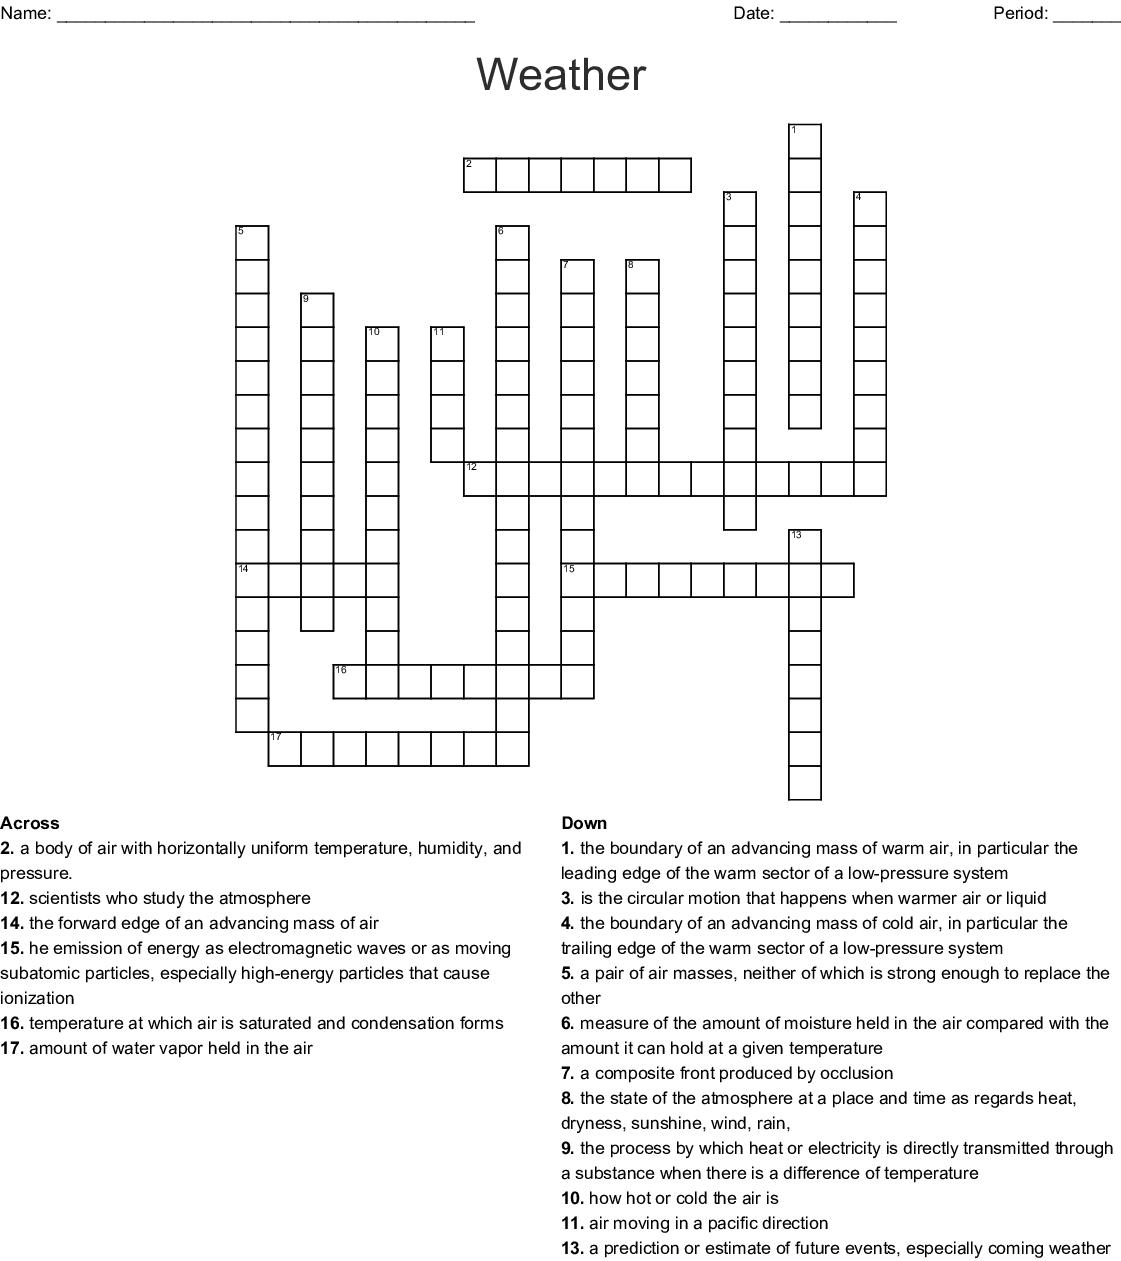 Weather Crossword Puzzle